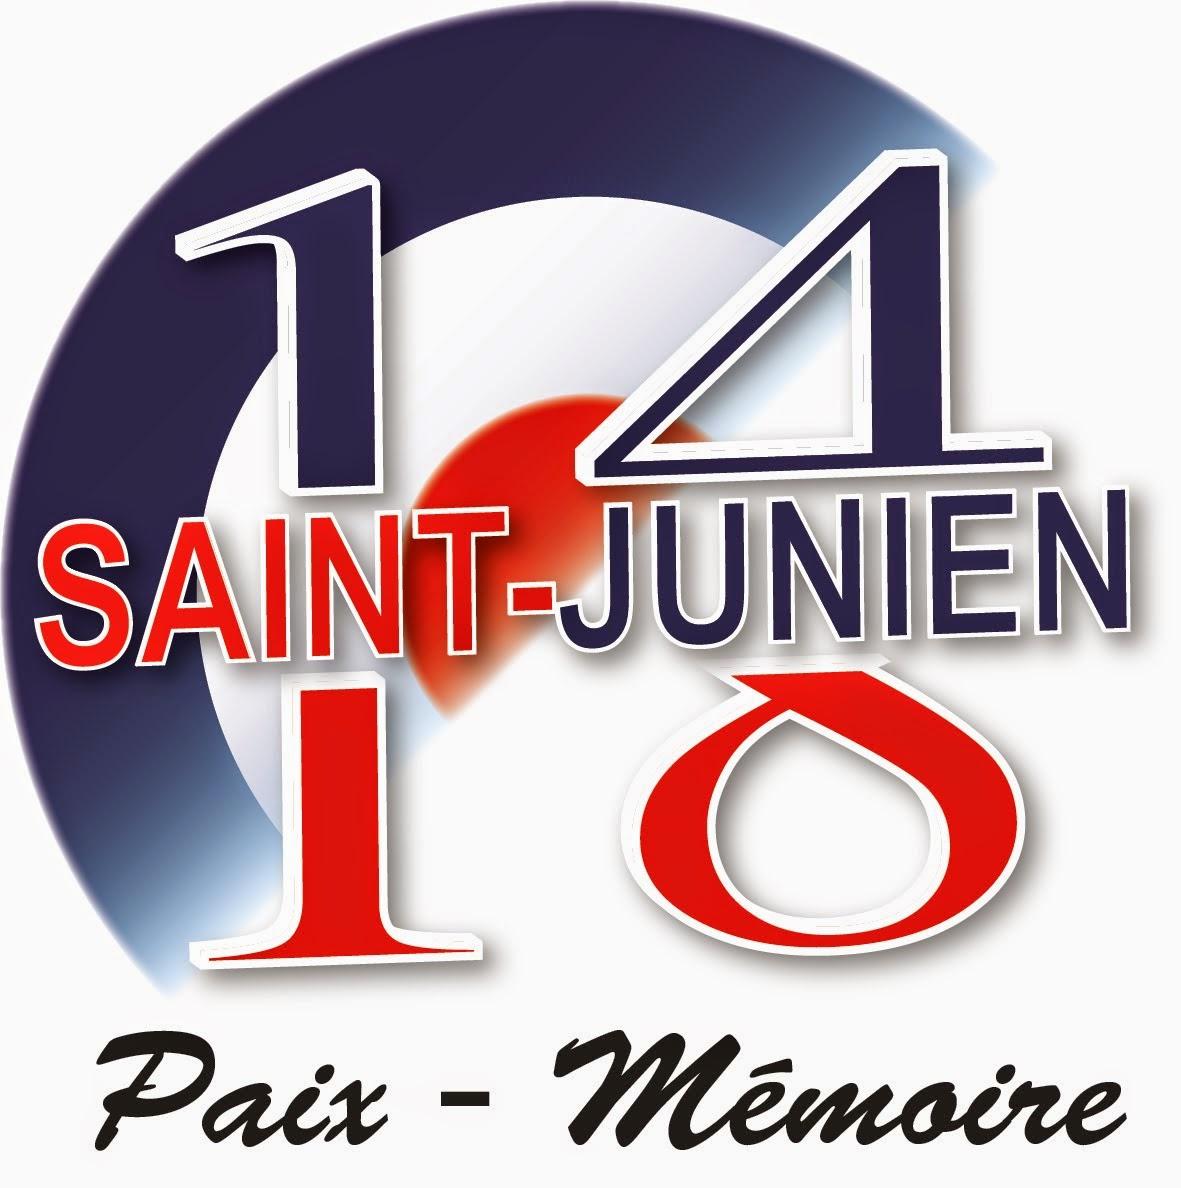 Saint-Junien et le centenaire 14/18